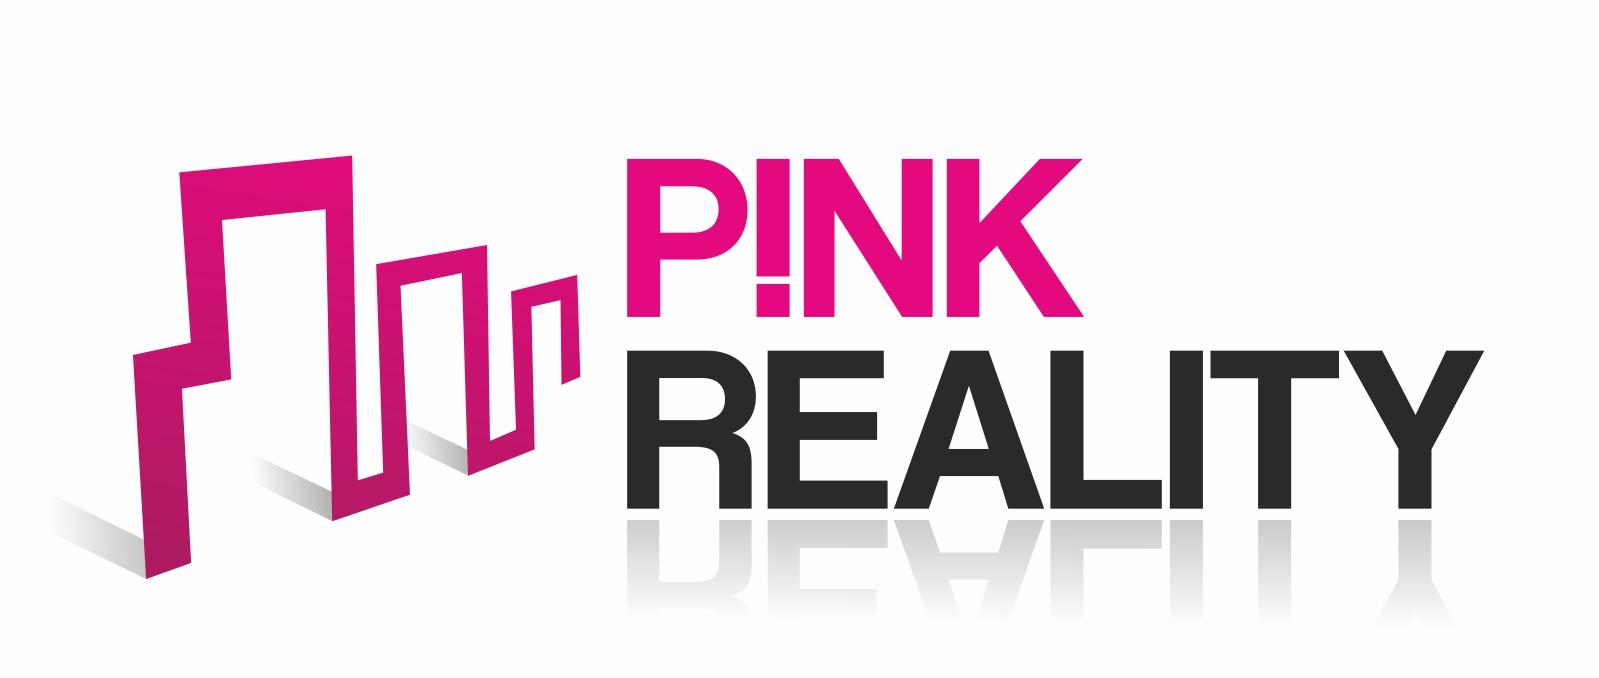 PINK REALITY, s.r.o.